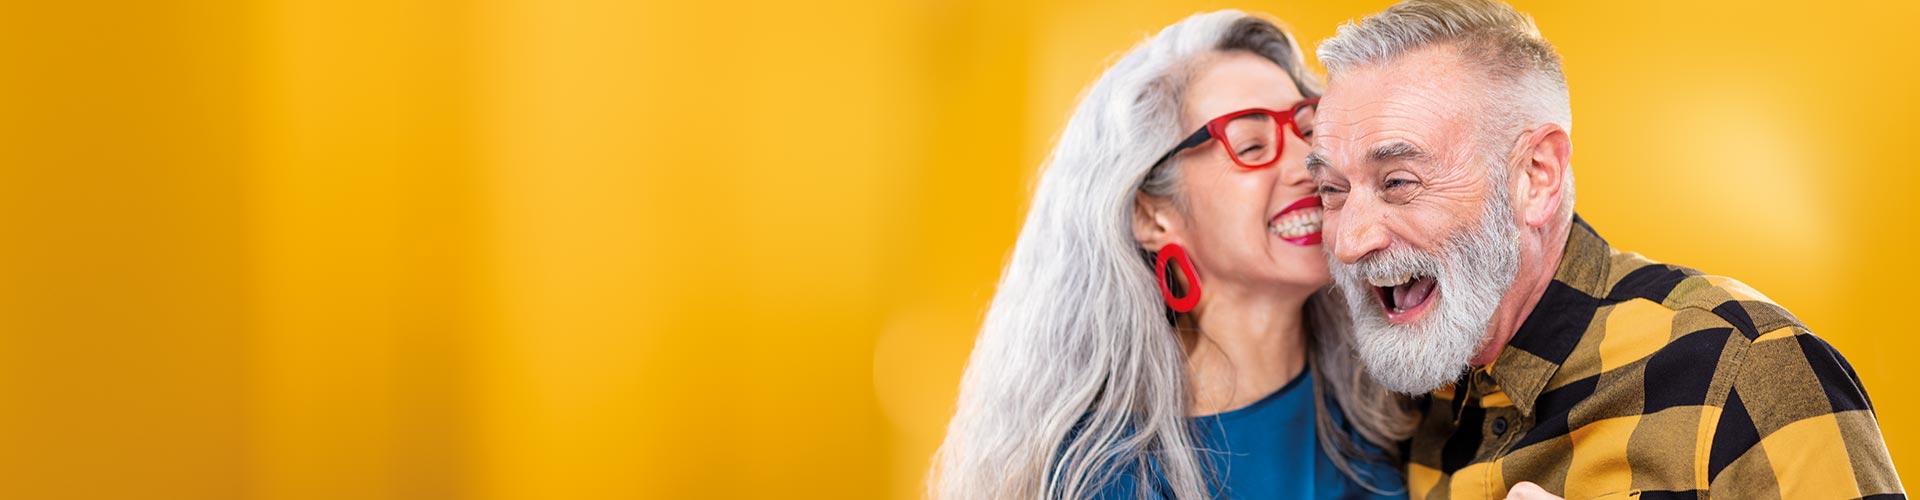 Eine Frau mittleren Alters umarmt einen Freund und flüstert Geheimnisse. Er trägt Philips HearLink wiederaufladbare Akku-Hörgeräte.